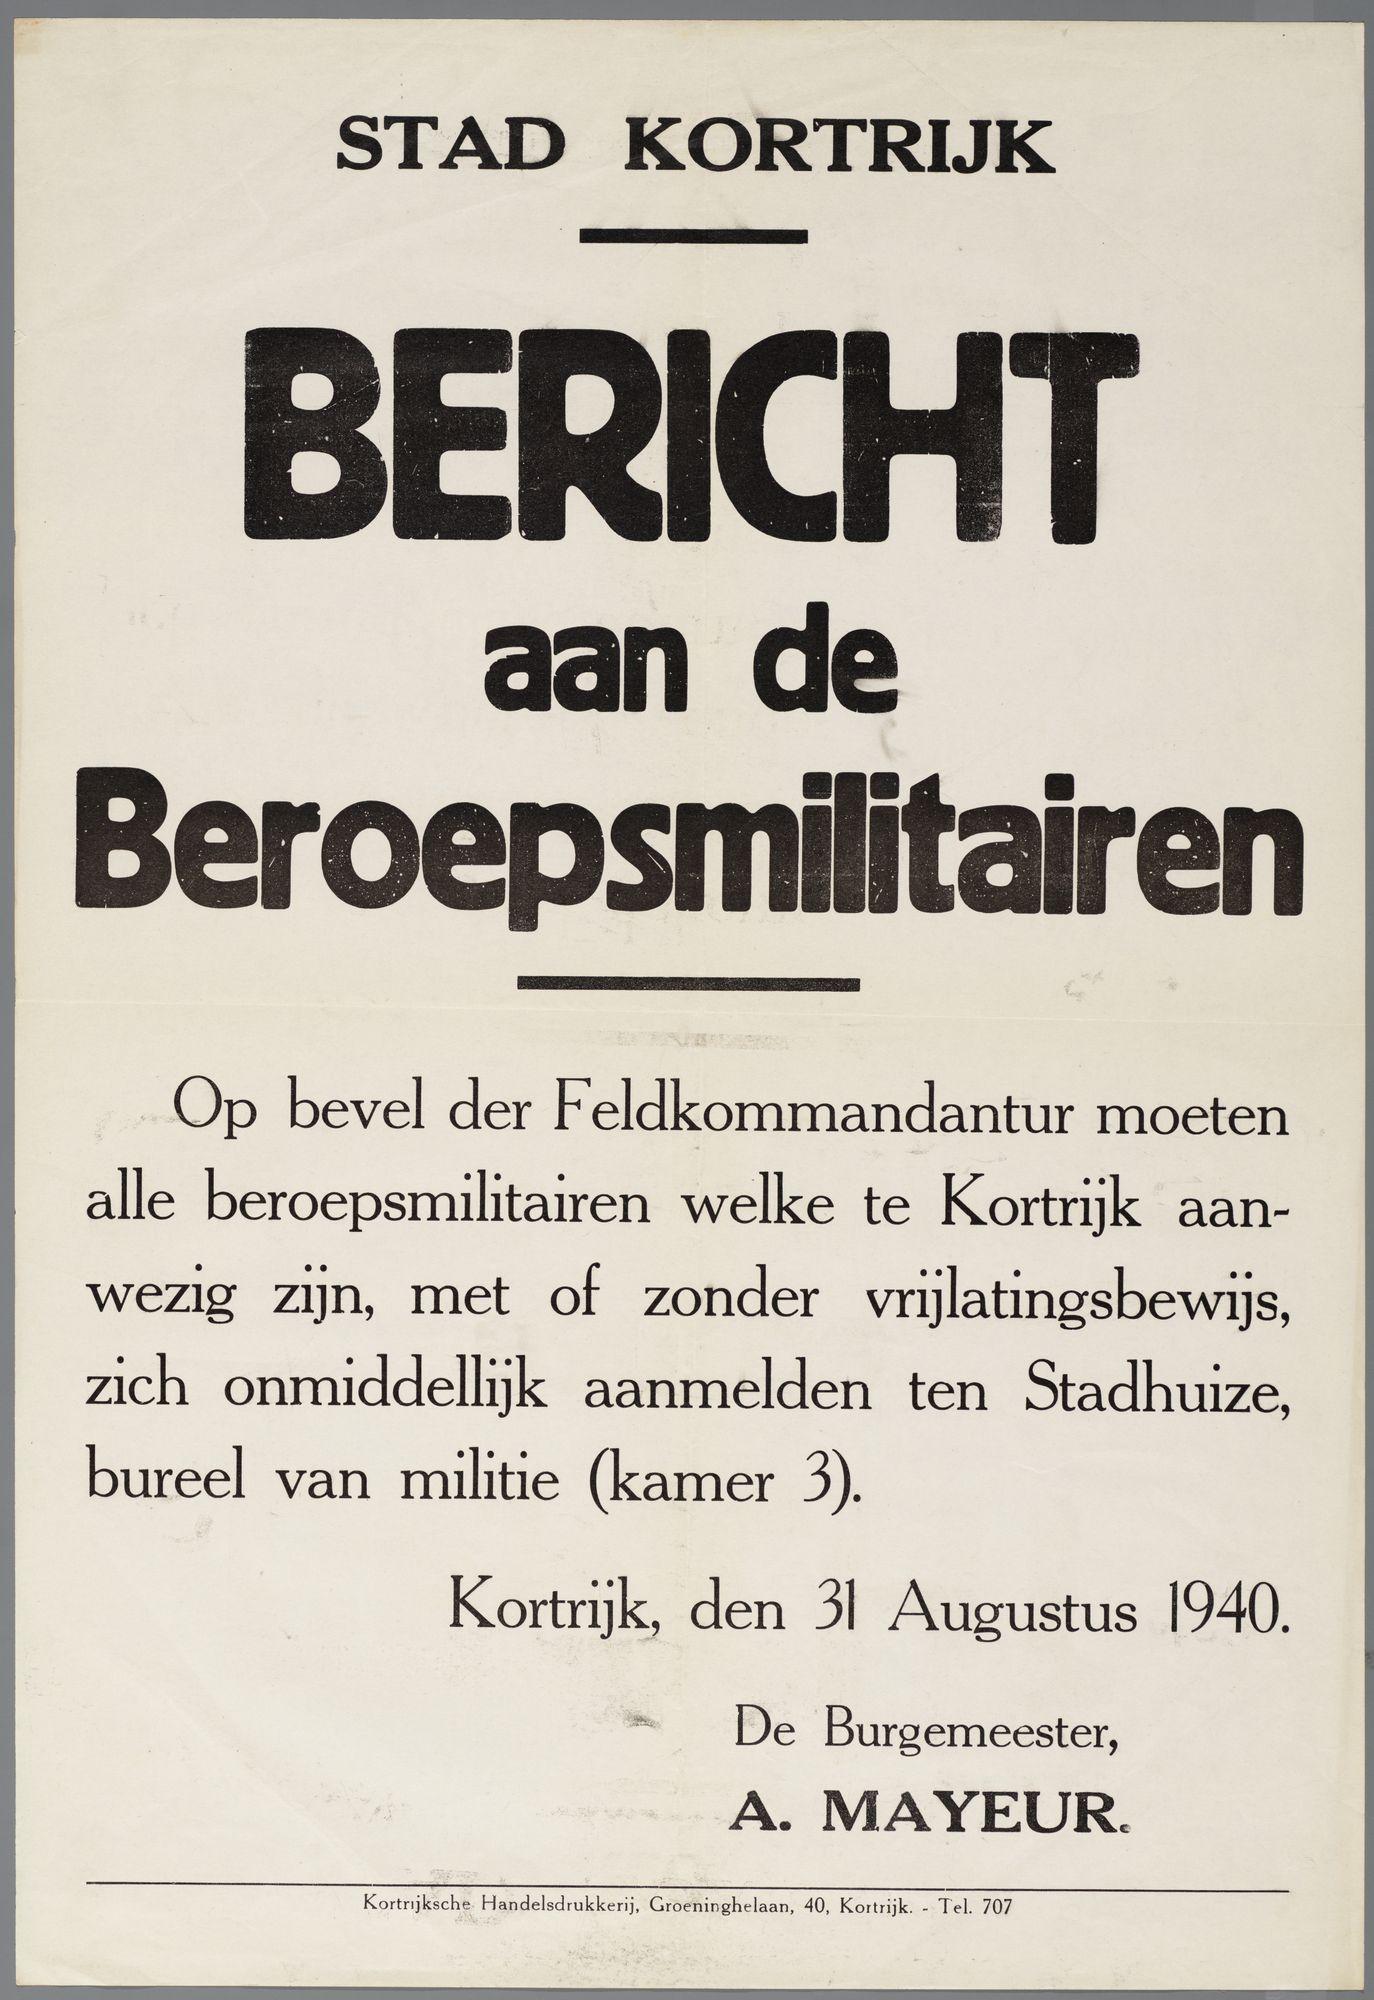 Bekendmaking van de Duitse Militaire overheid  1940